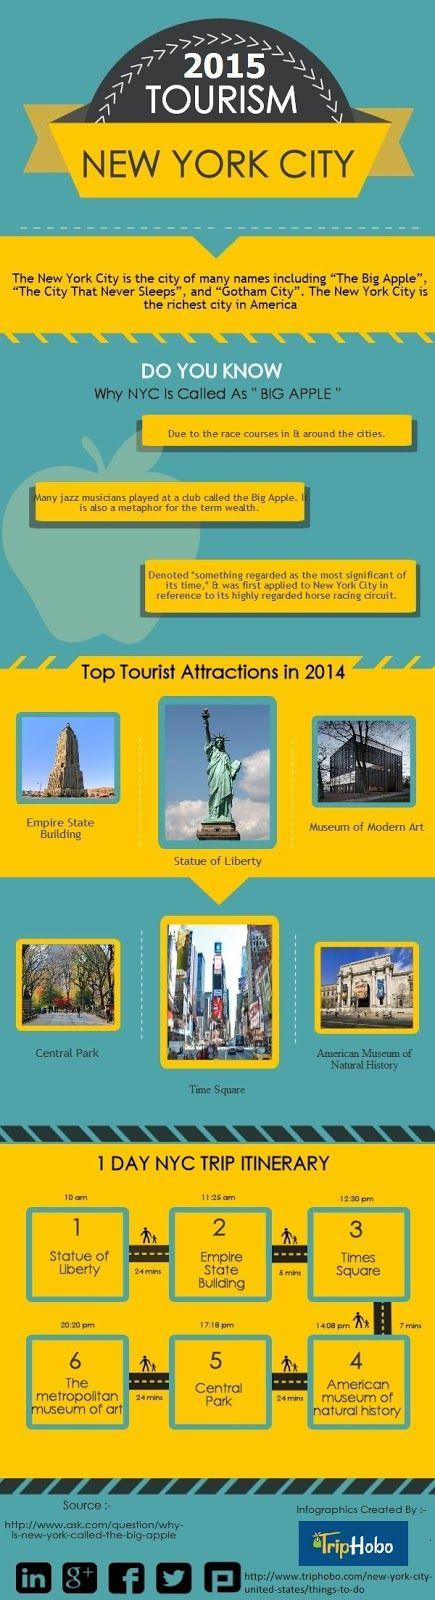 Best New York City Travel Guide 2015 http://armidatrentino.blogspot.in/2015/10/best-new-york-city-travel-guide-2015.html